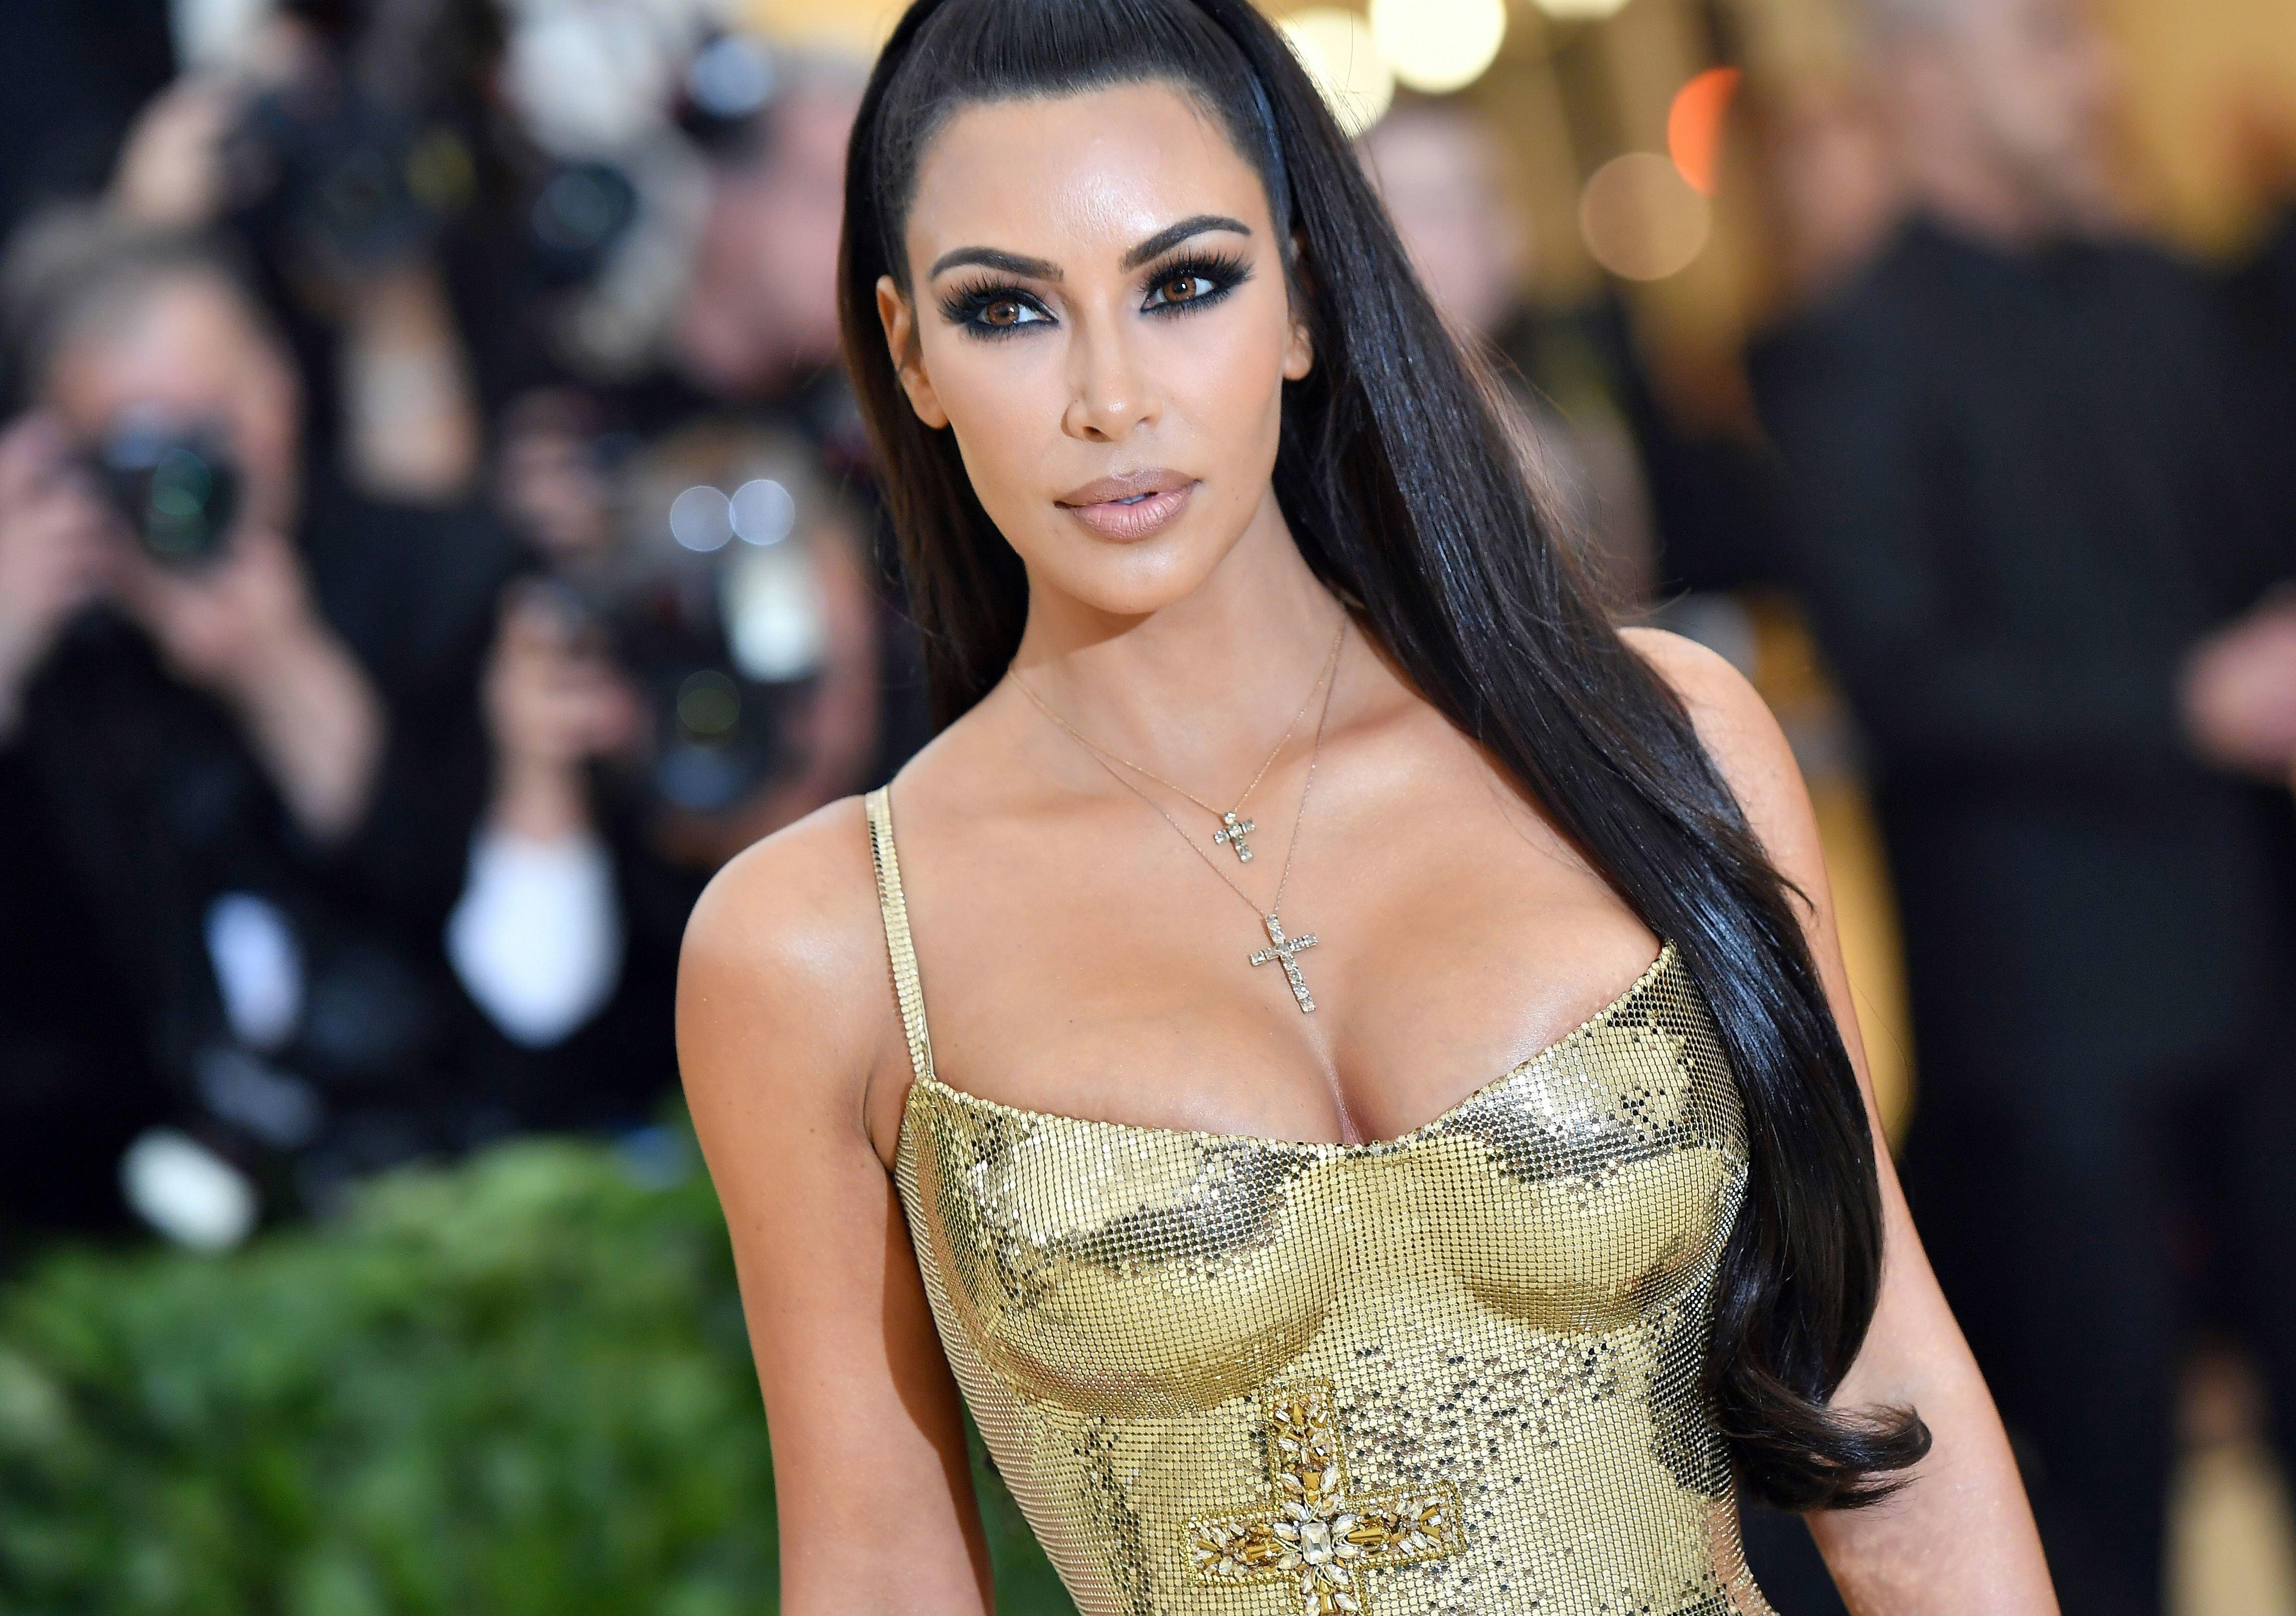 Kim Kardashian West Slammed For Instagram Post Promoting Appetite Suppressant